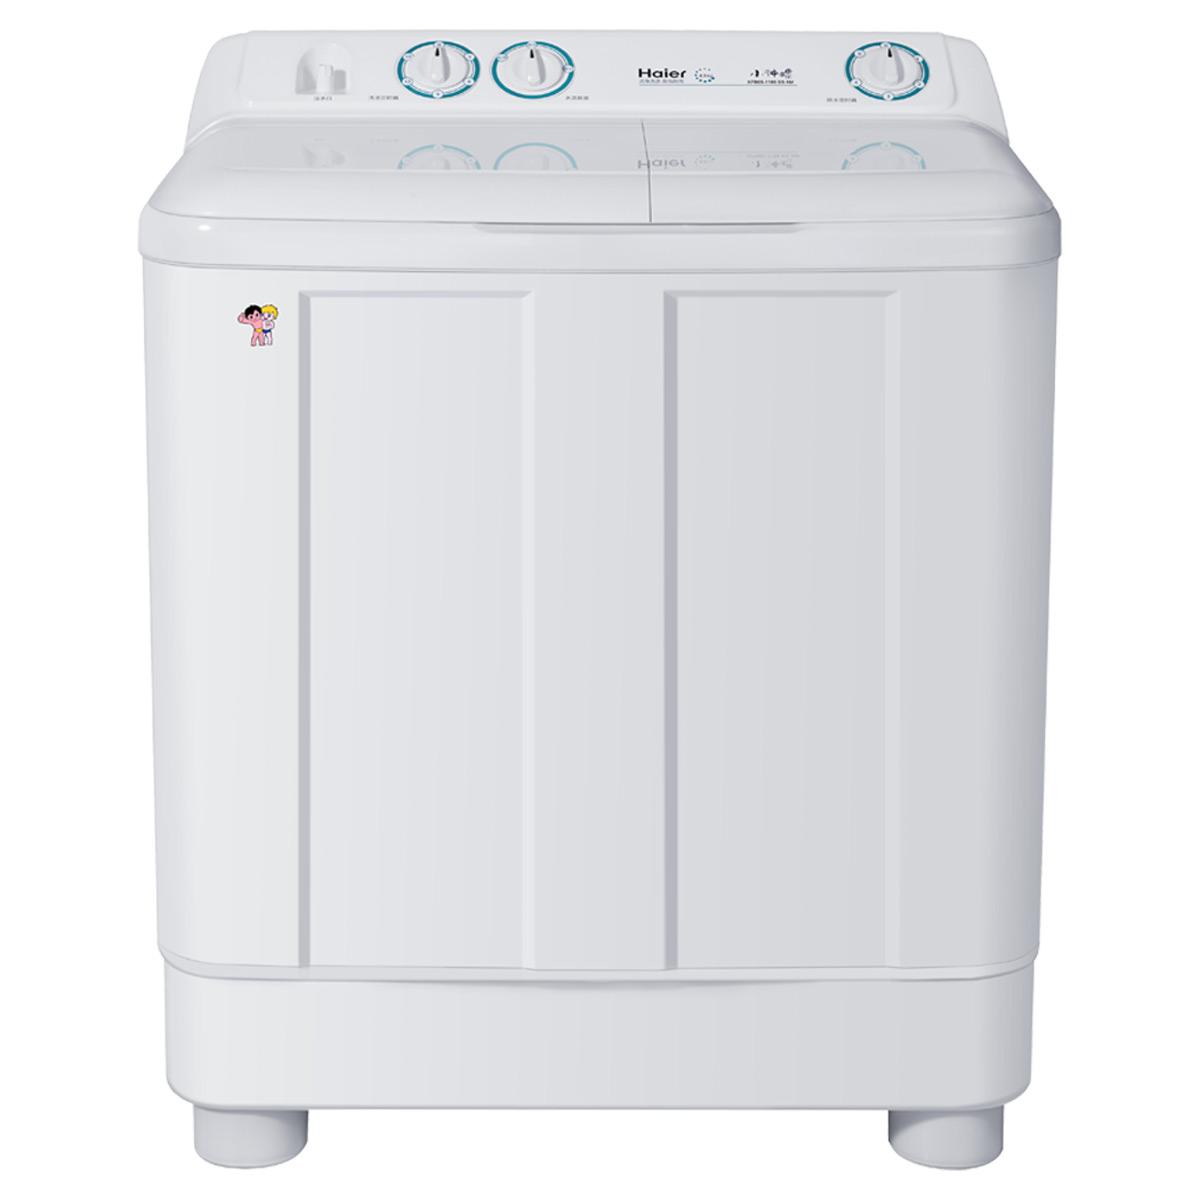 5公斤双桶波轮洗衣机可移动脚轮